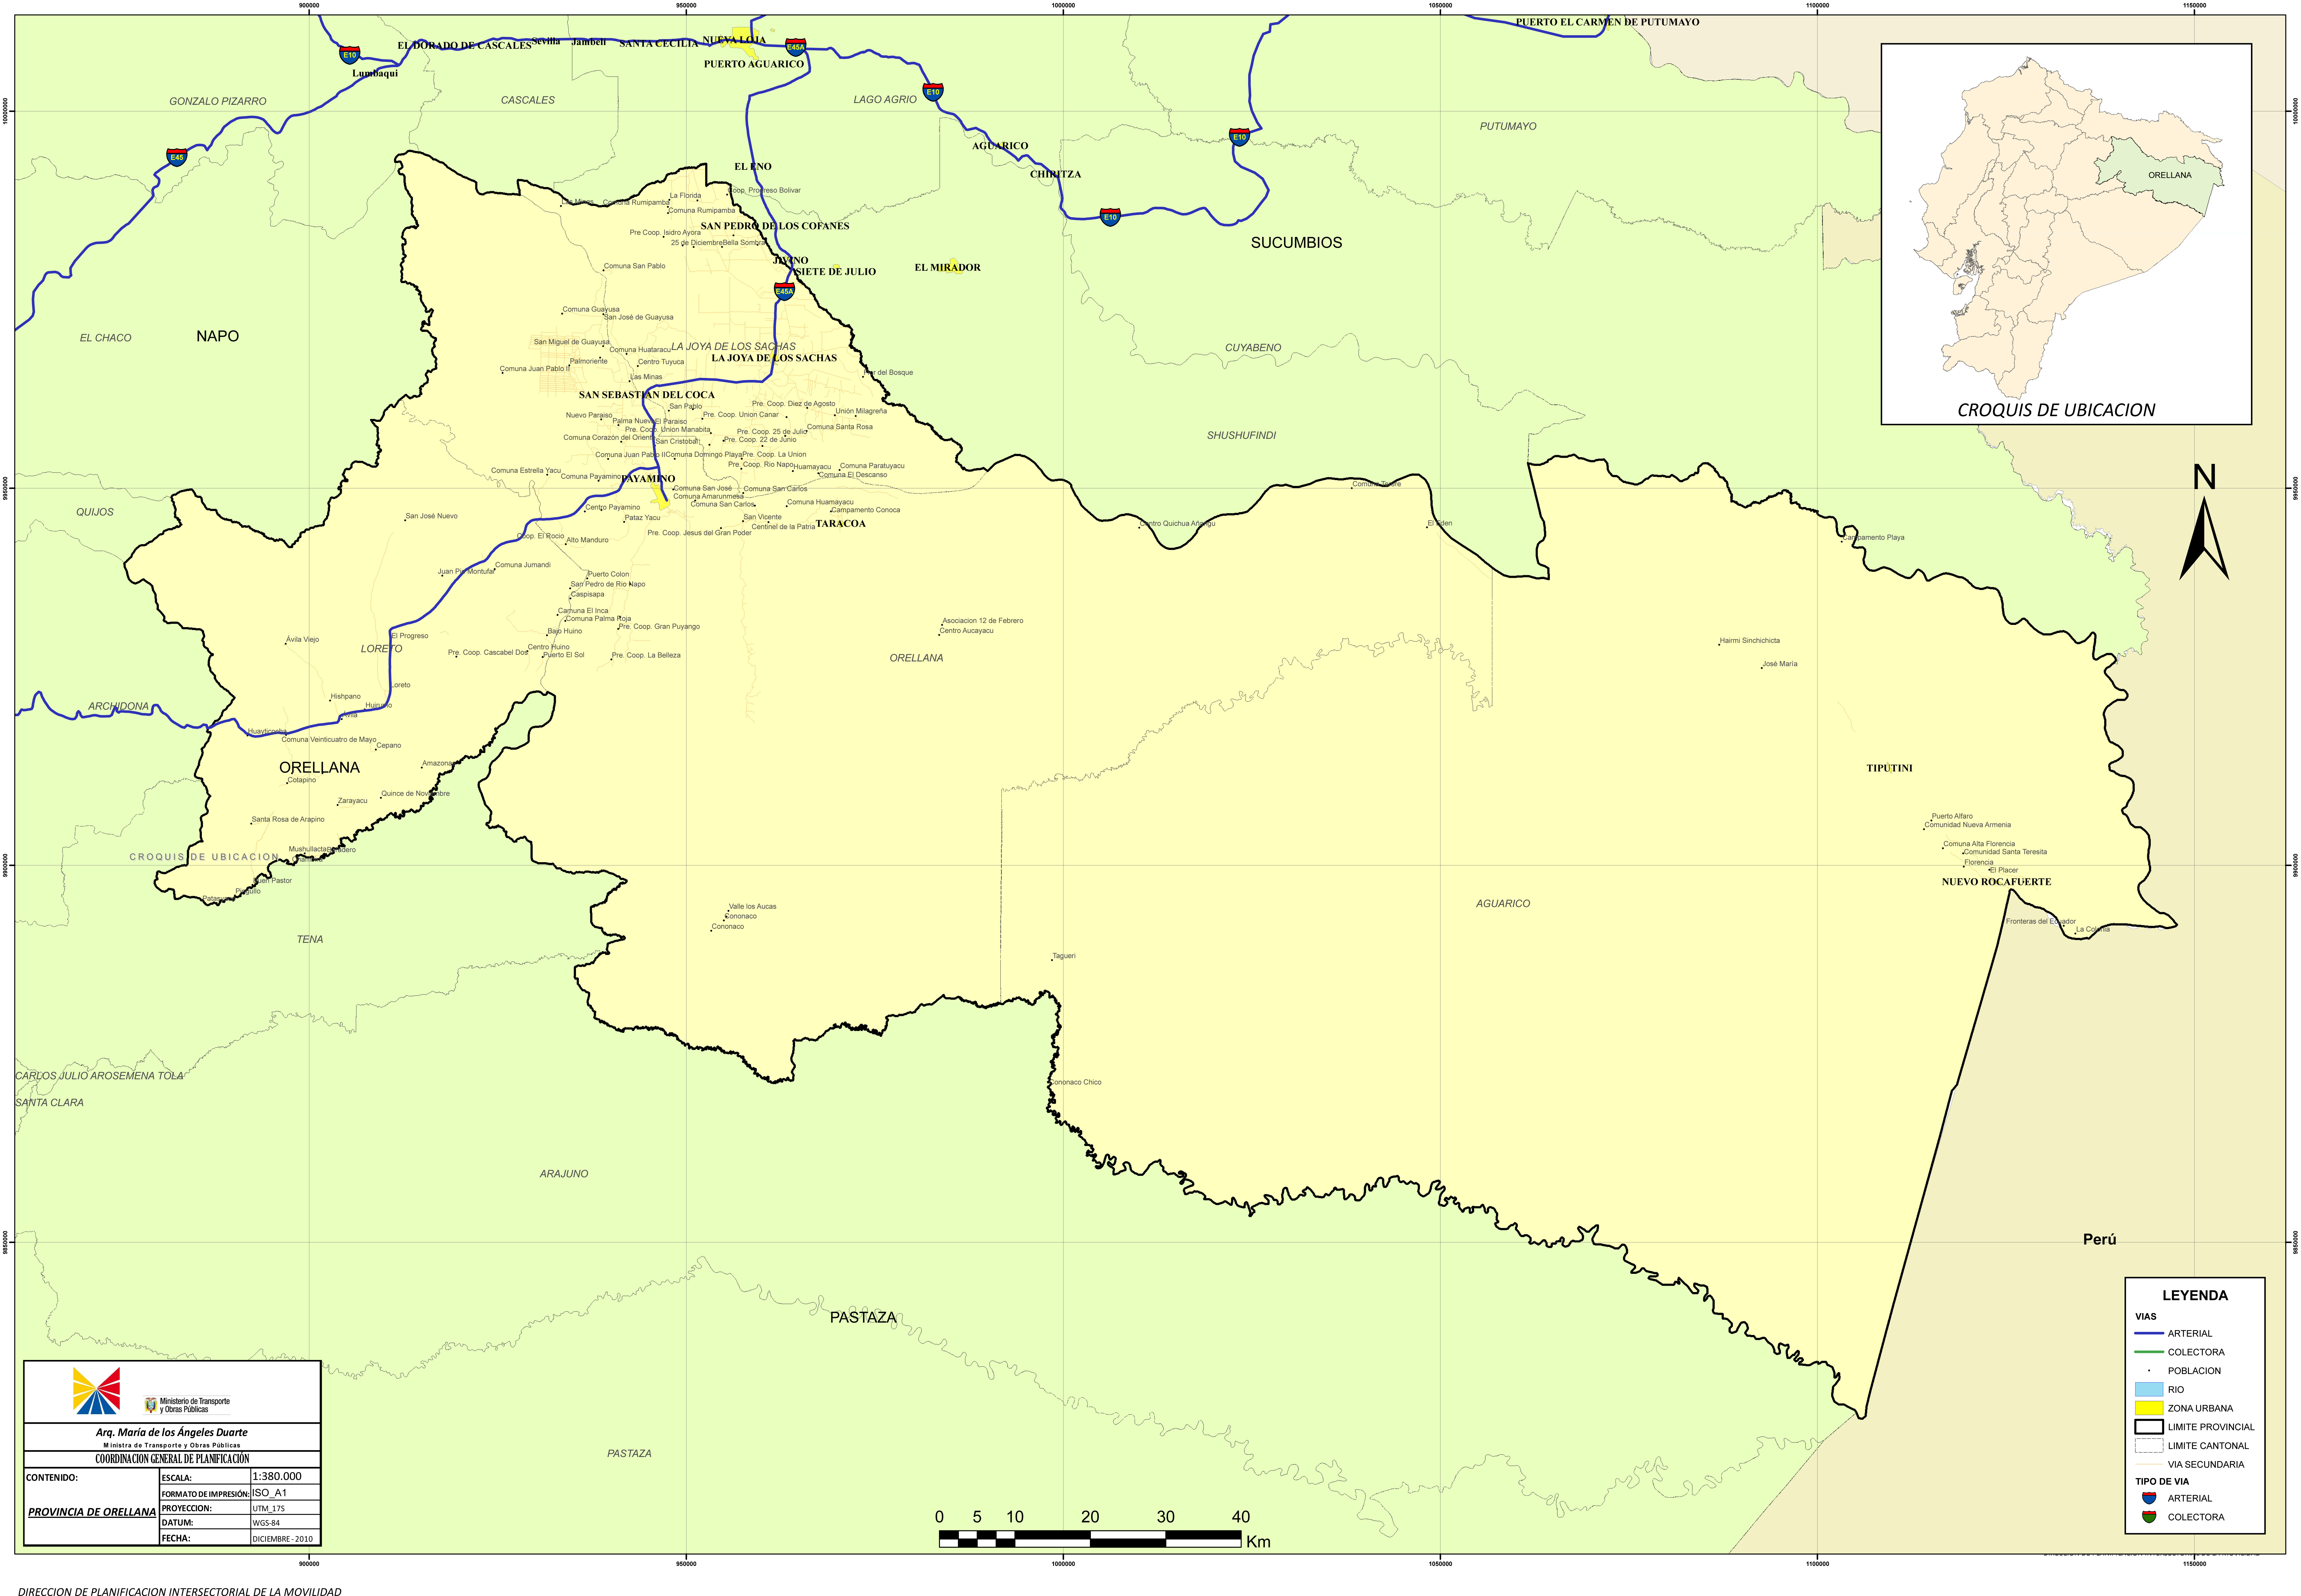 map ecuador with Mapa De Orellana 2010 on 3718048480 also Mapa De Orellana 2010 furthermore Meteor FF 122 in addition 6027643765 further 6940988189.